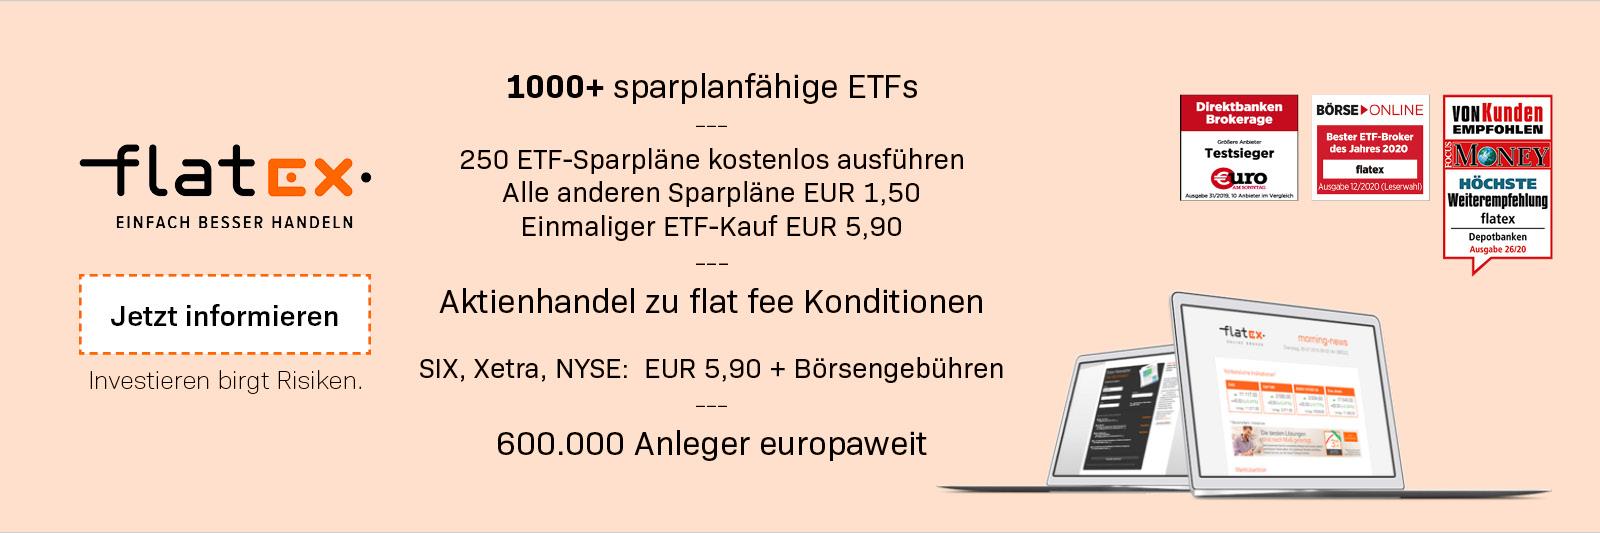 flatex Schweiz ETF Depotkonto